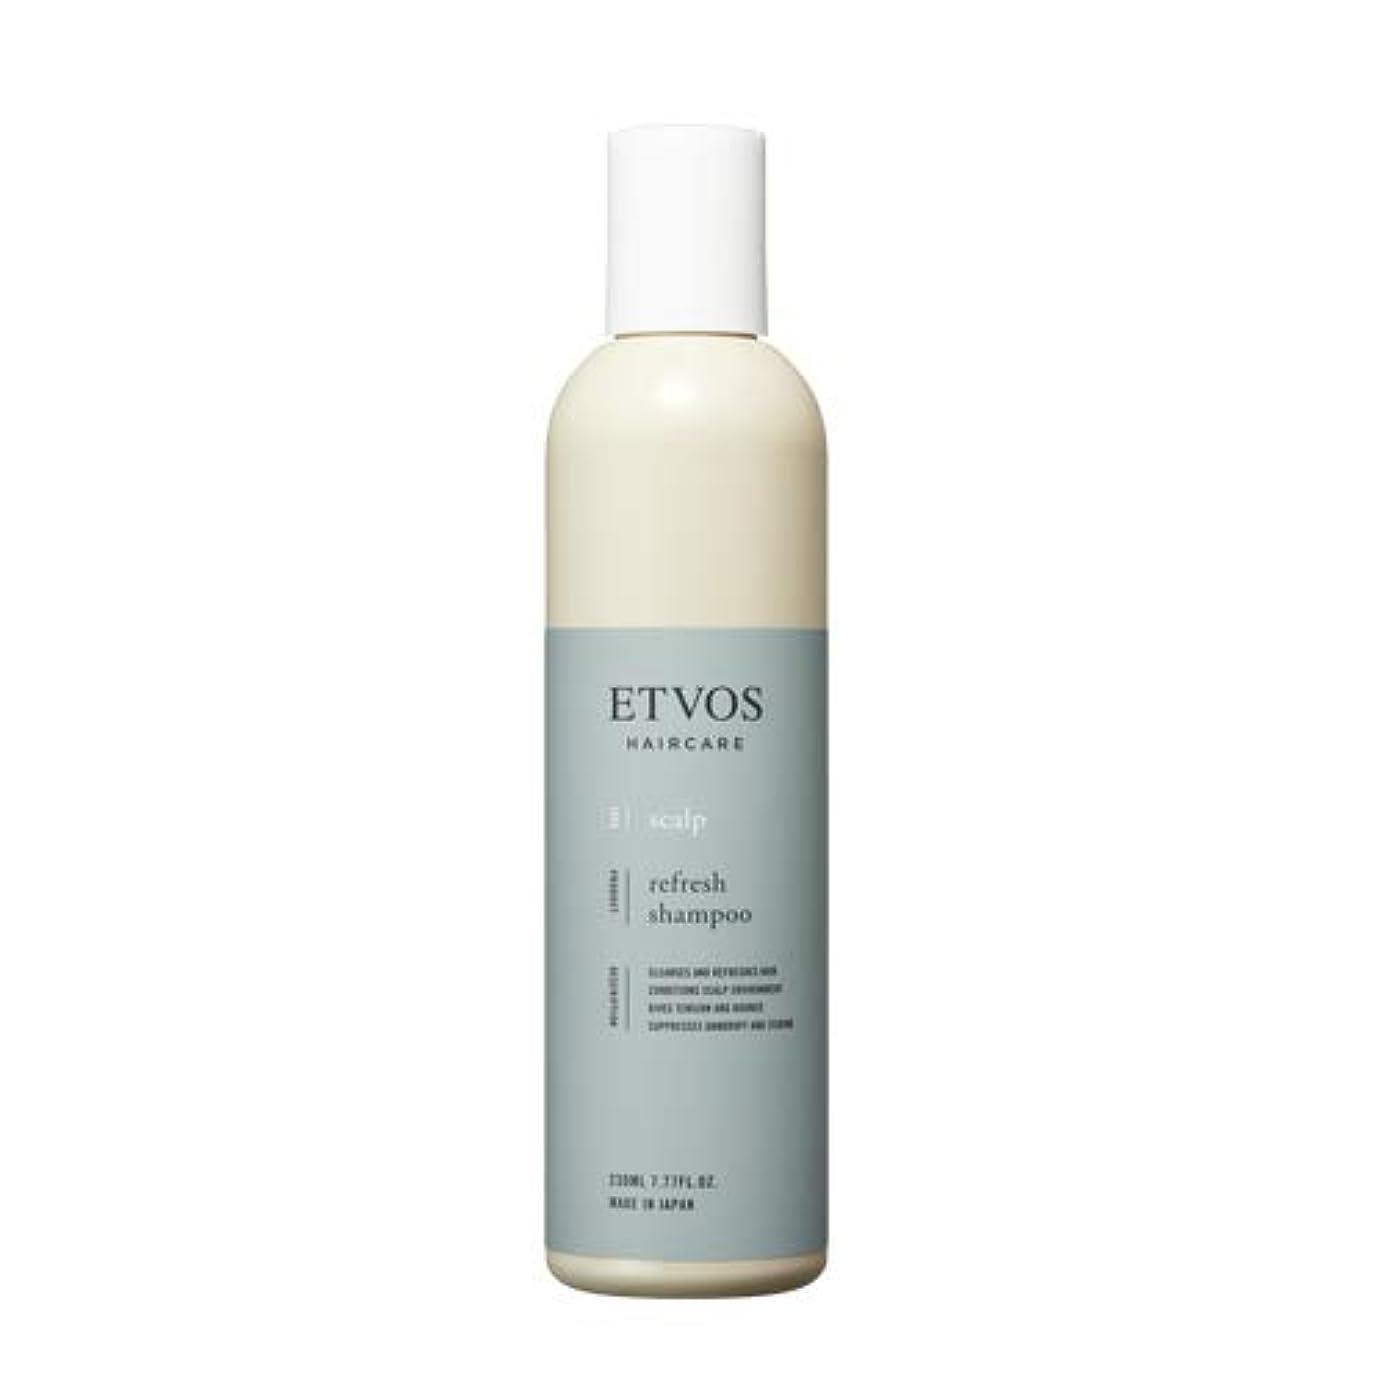 甘美な優れたヒギンズETVOS(エトヴォス) リフレッシュシャンプー 230ml さっぱり ノンシリコン アミノ酸系 頭皮の臭い/ベタつき